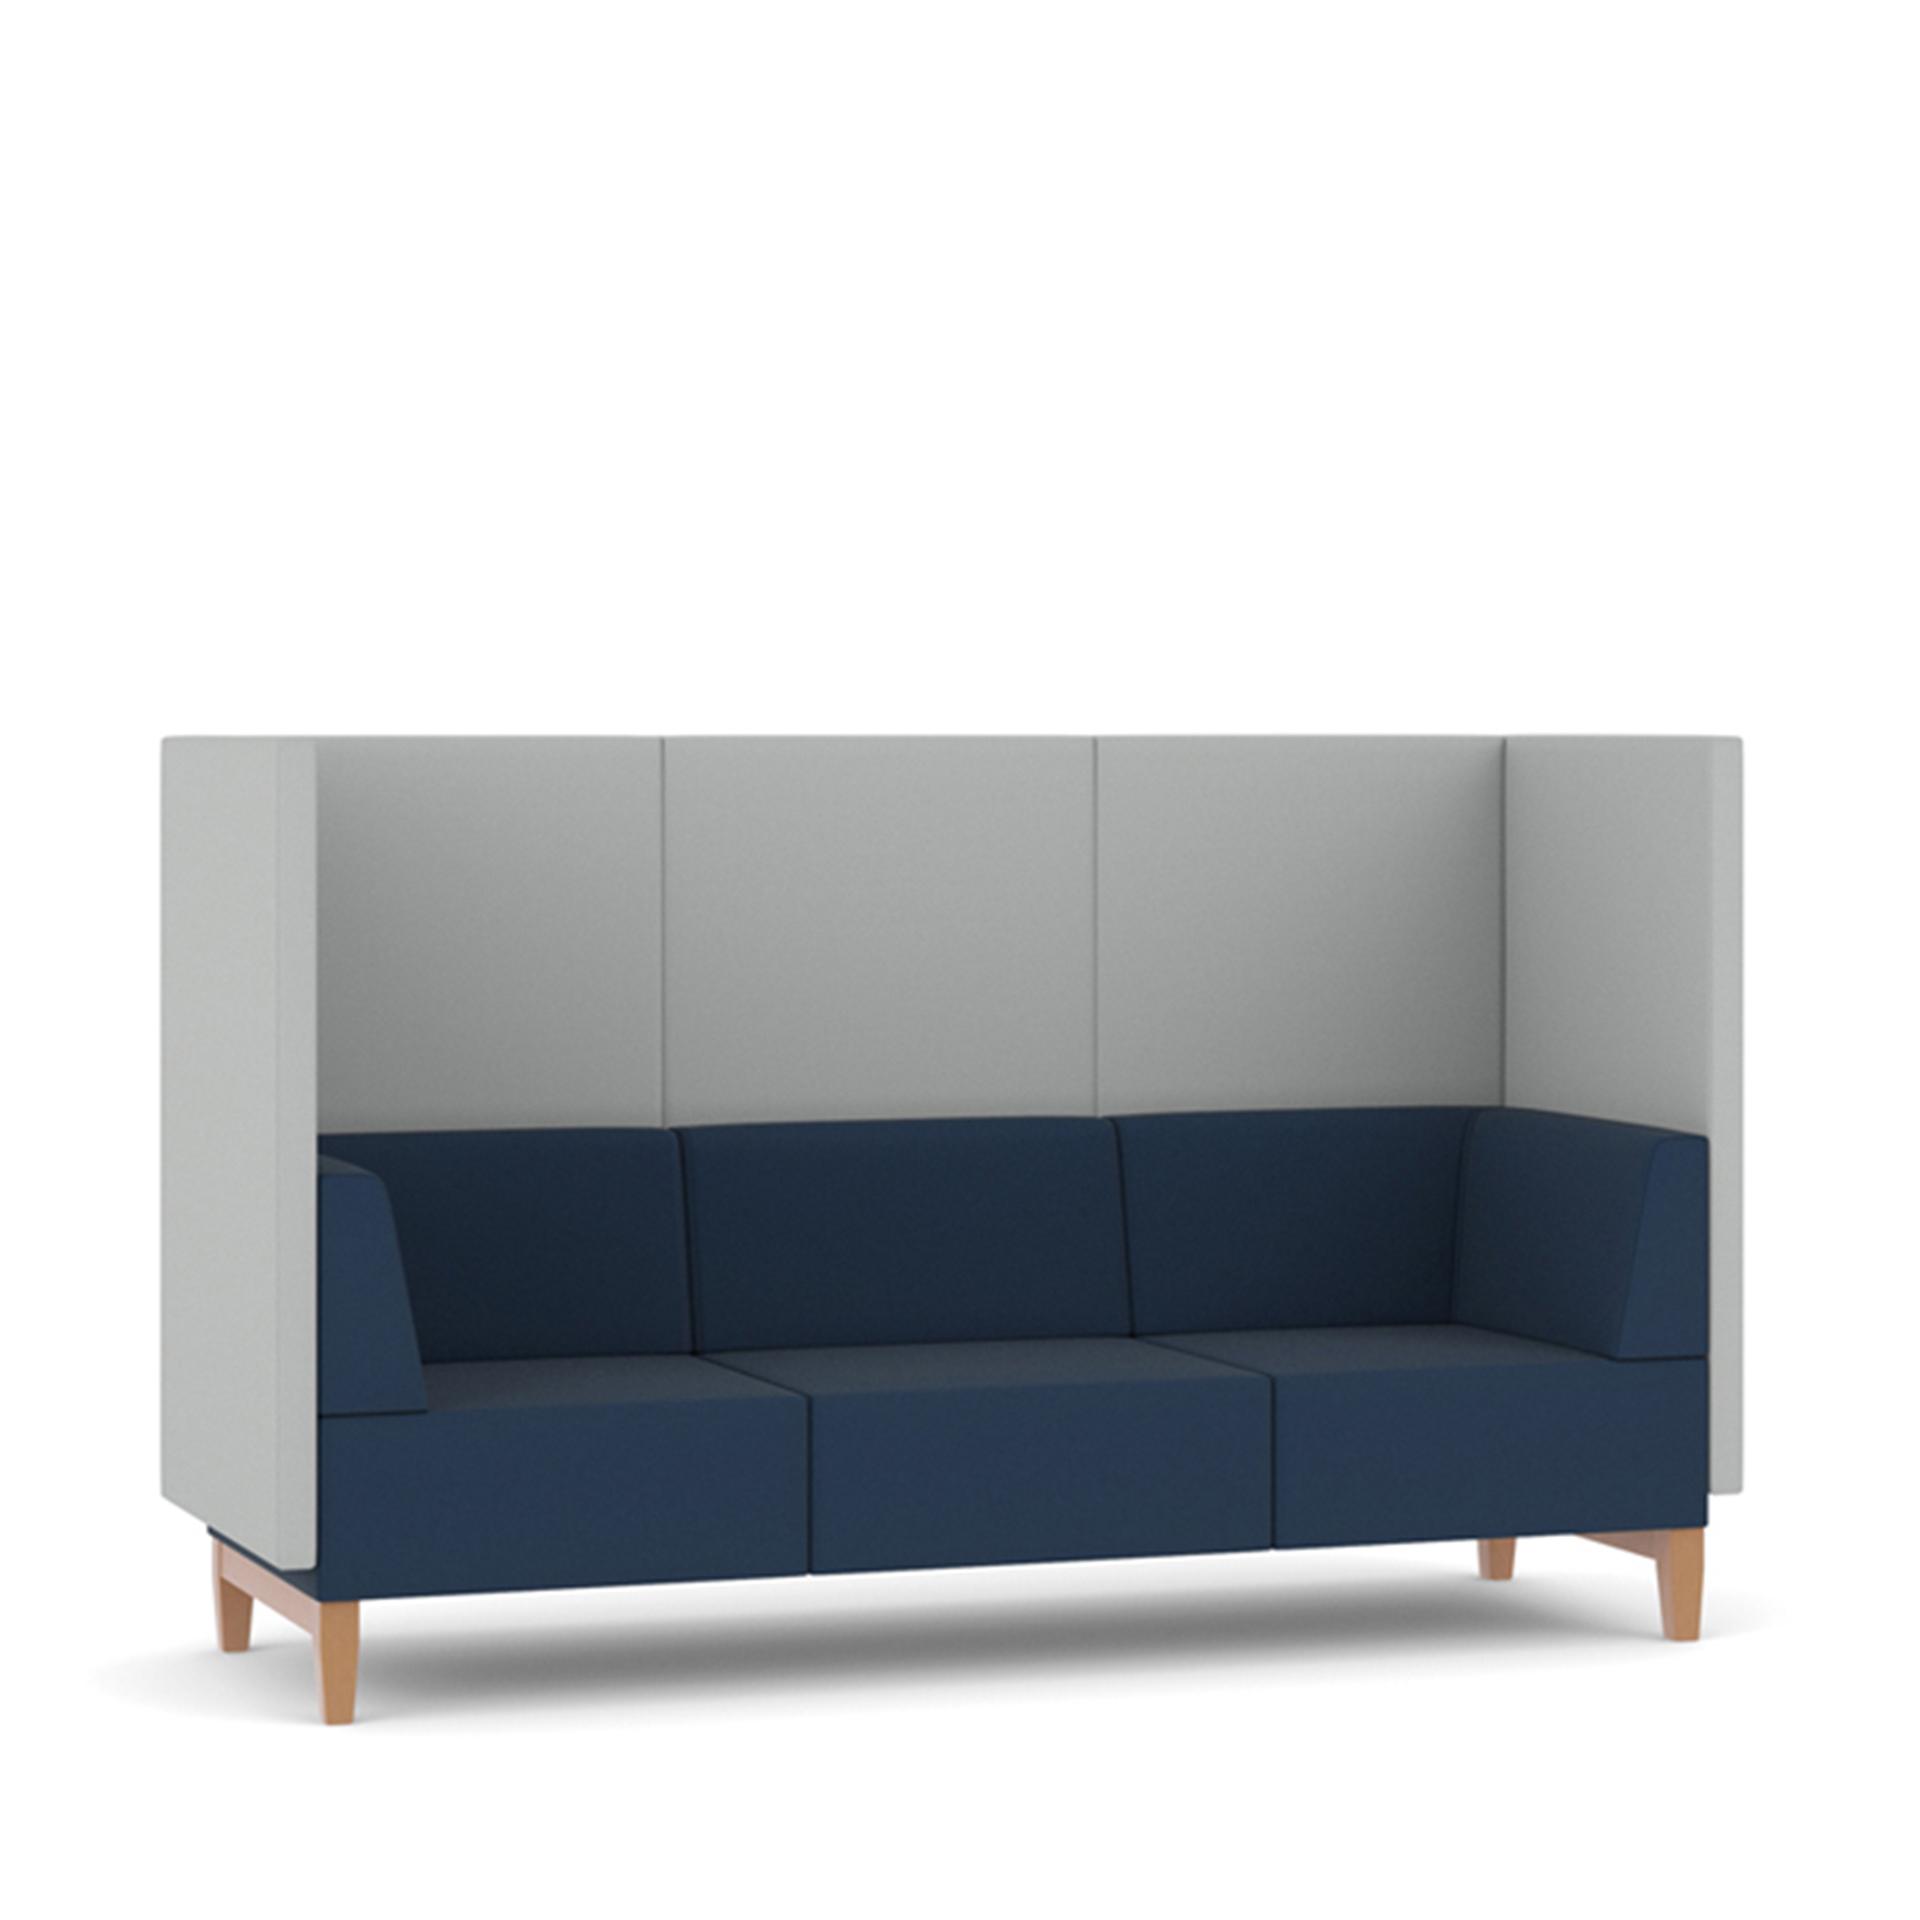 Breakout Furniture 3 Seat